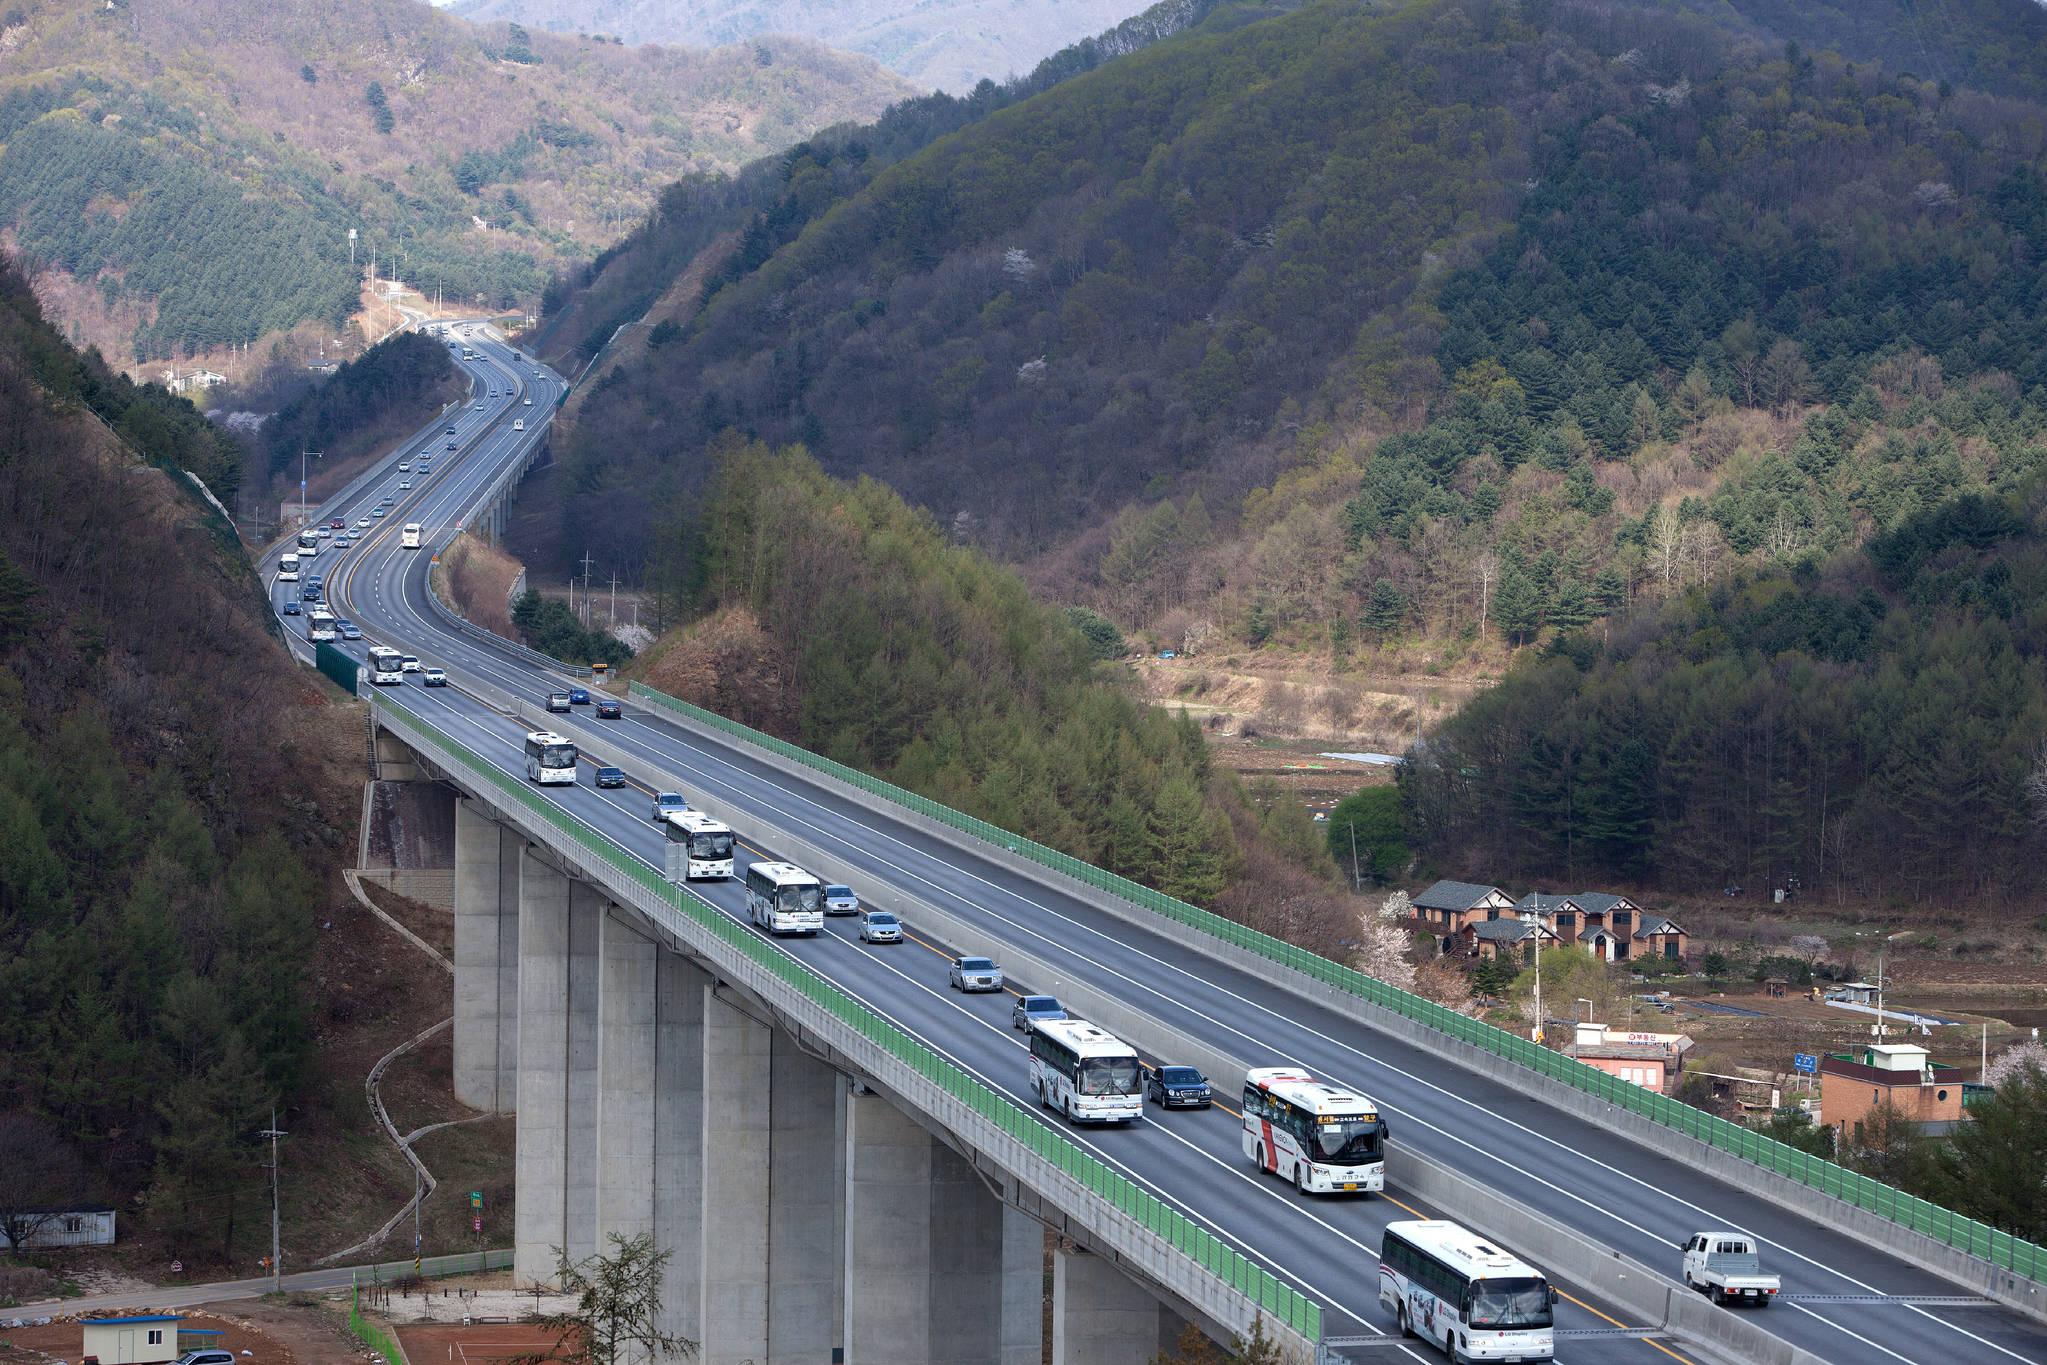 서울춘천, 대구부산고속도로의 통행료가 24일부터 낮춰진다. [연합뉴스]